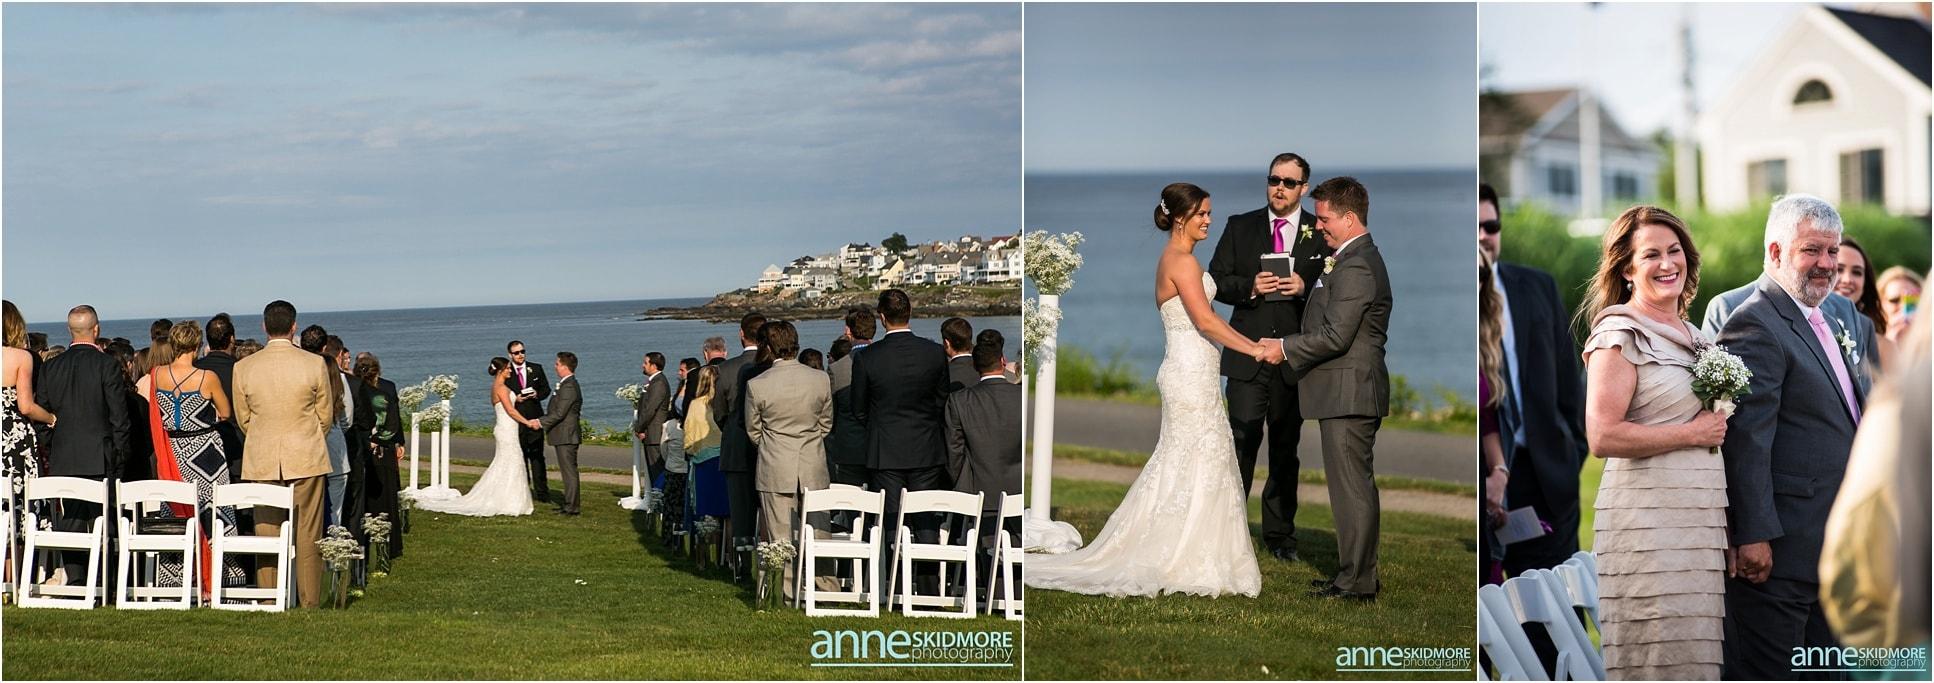 Union_Bluff_Wedding_0032